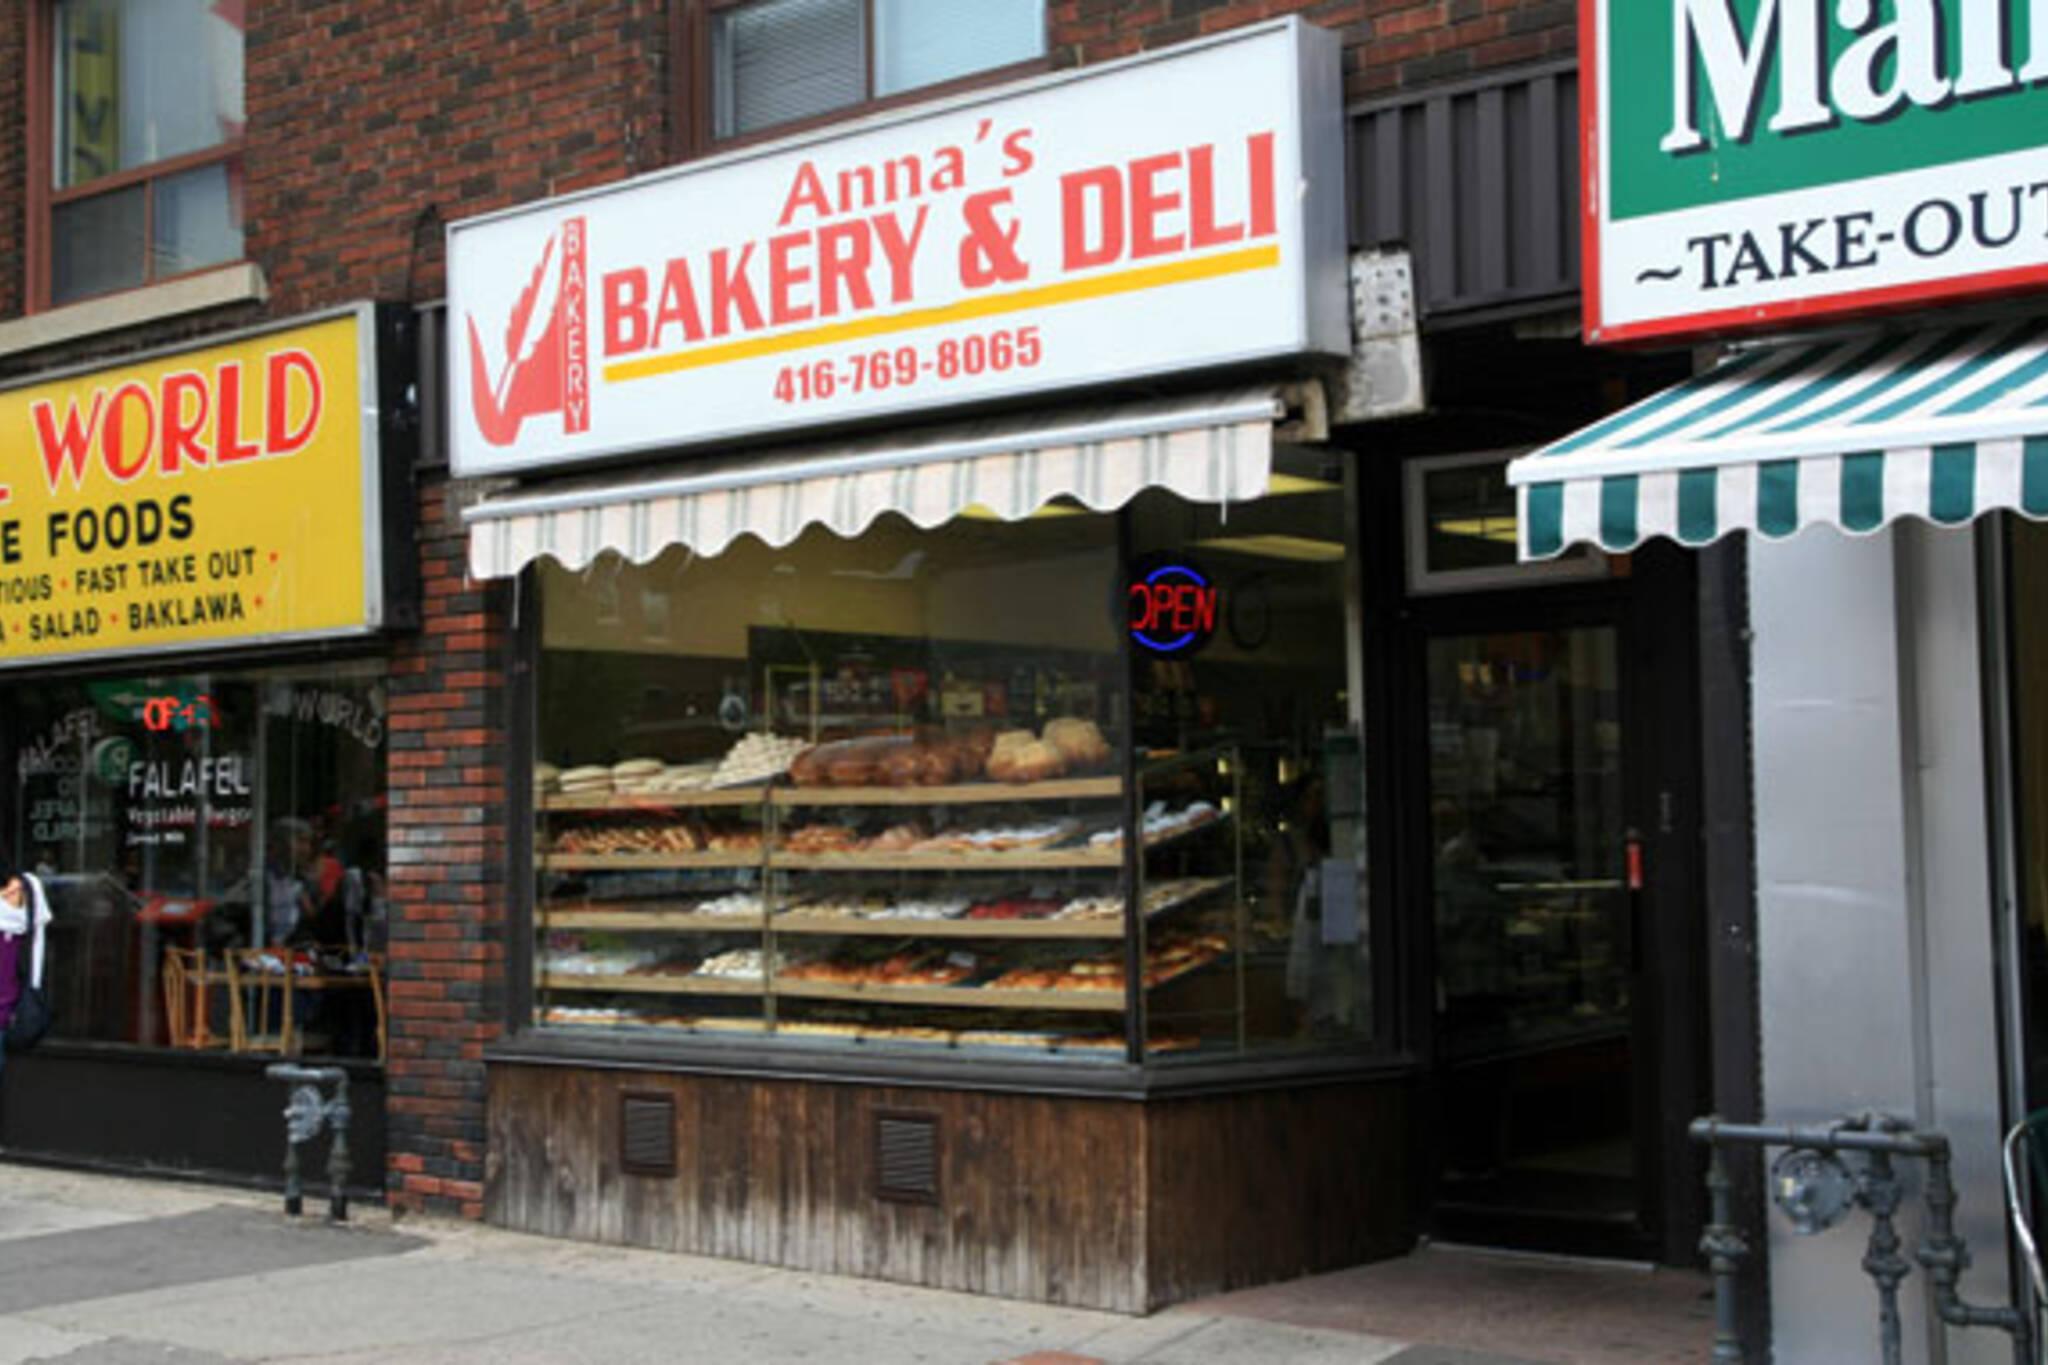 Anna's Bakery & Deli